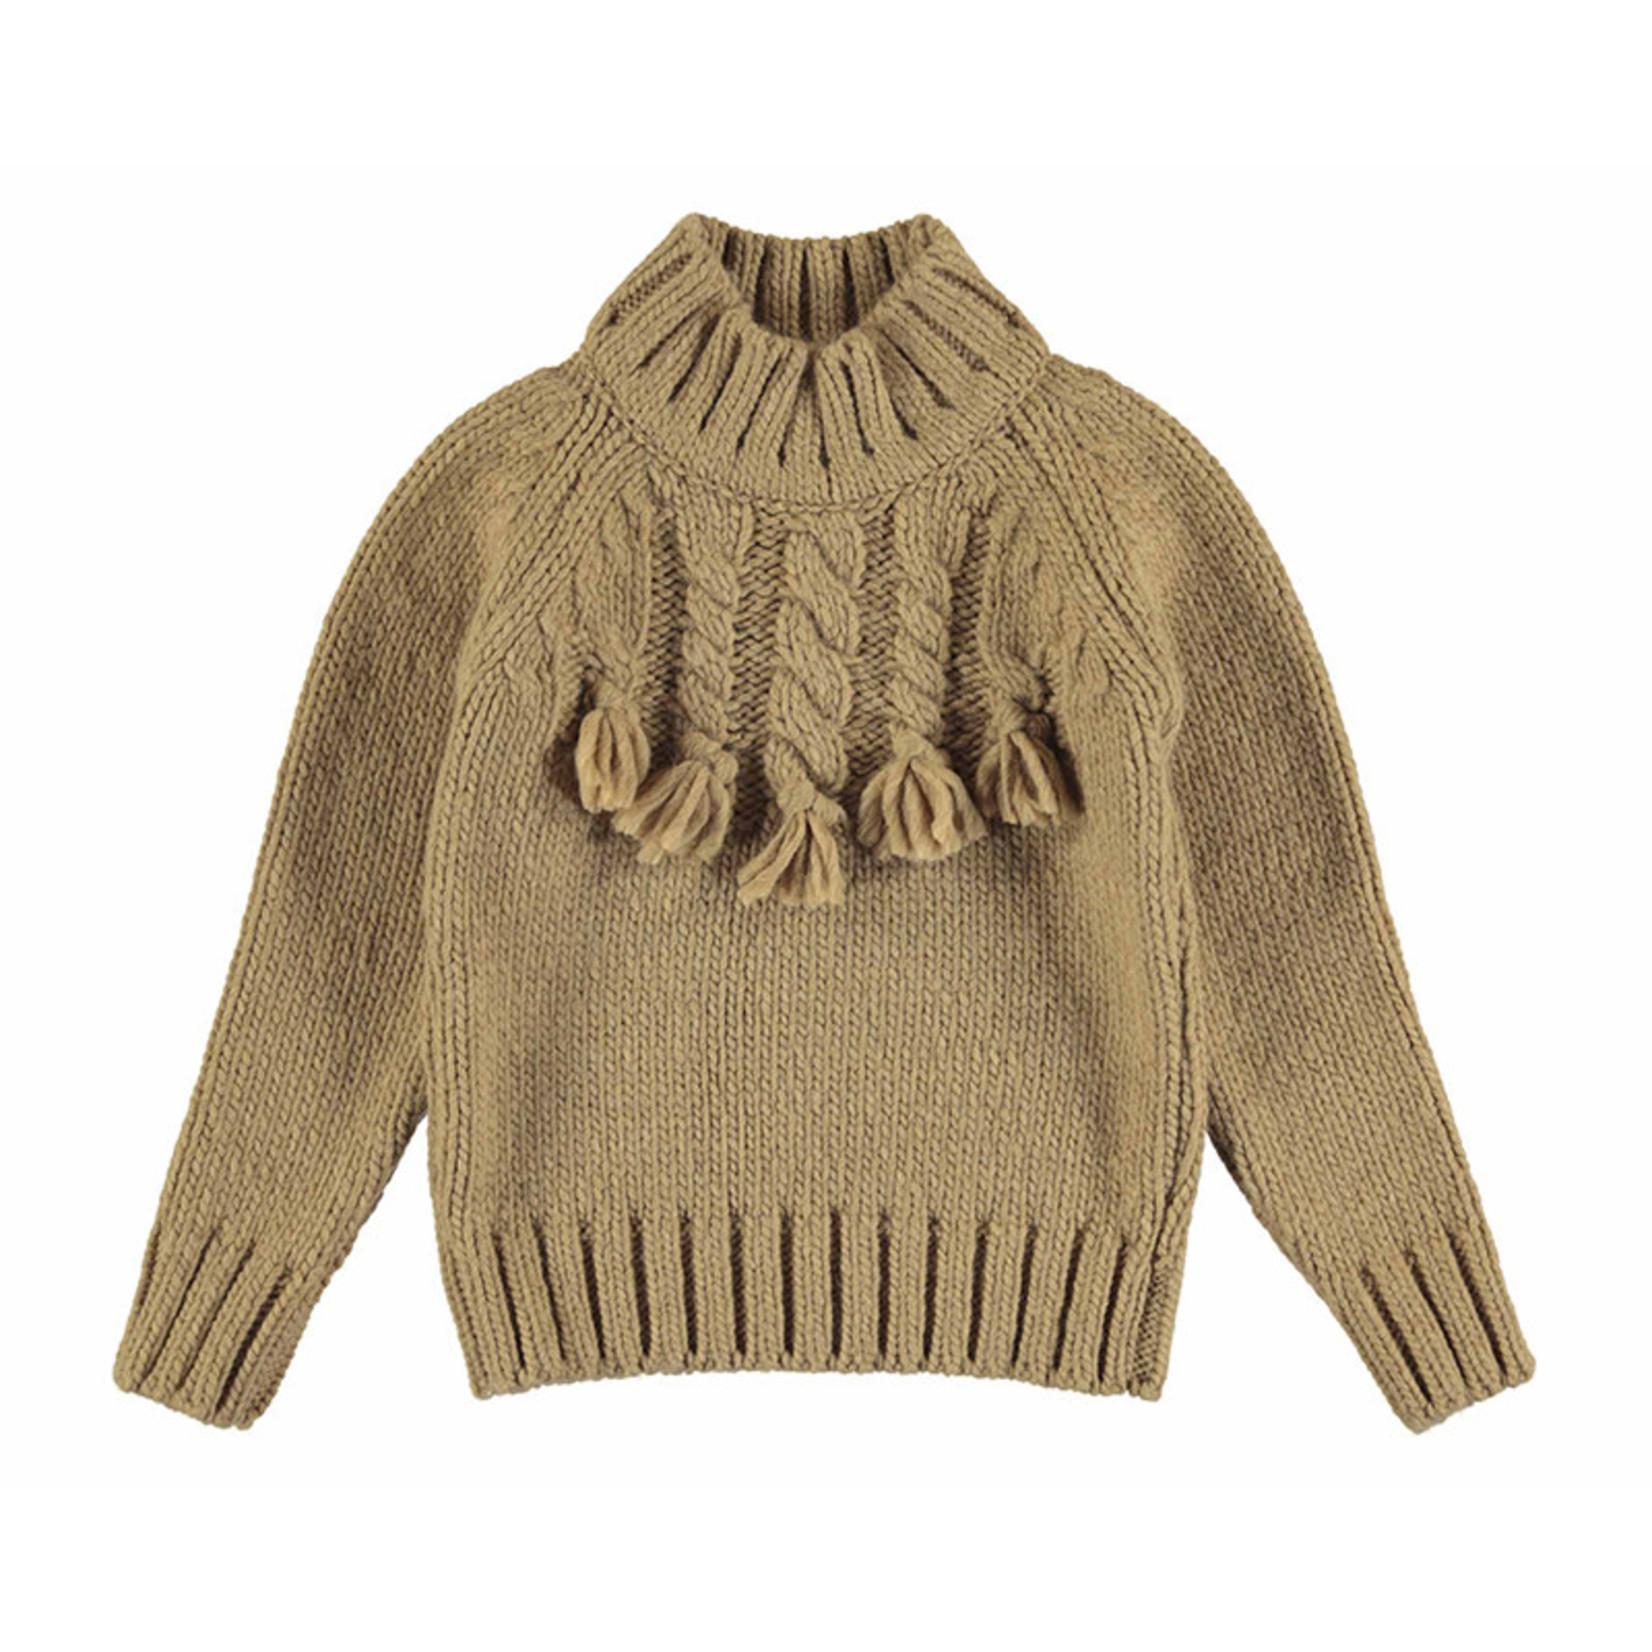 Sweater Braided Hazelnut - Mayoral